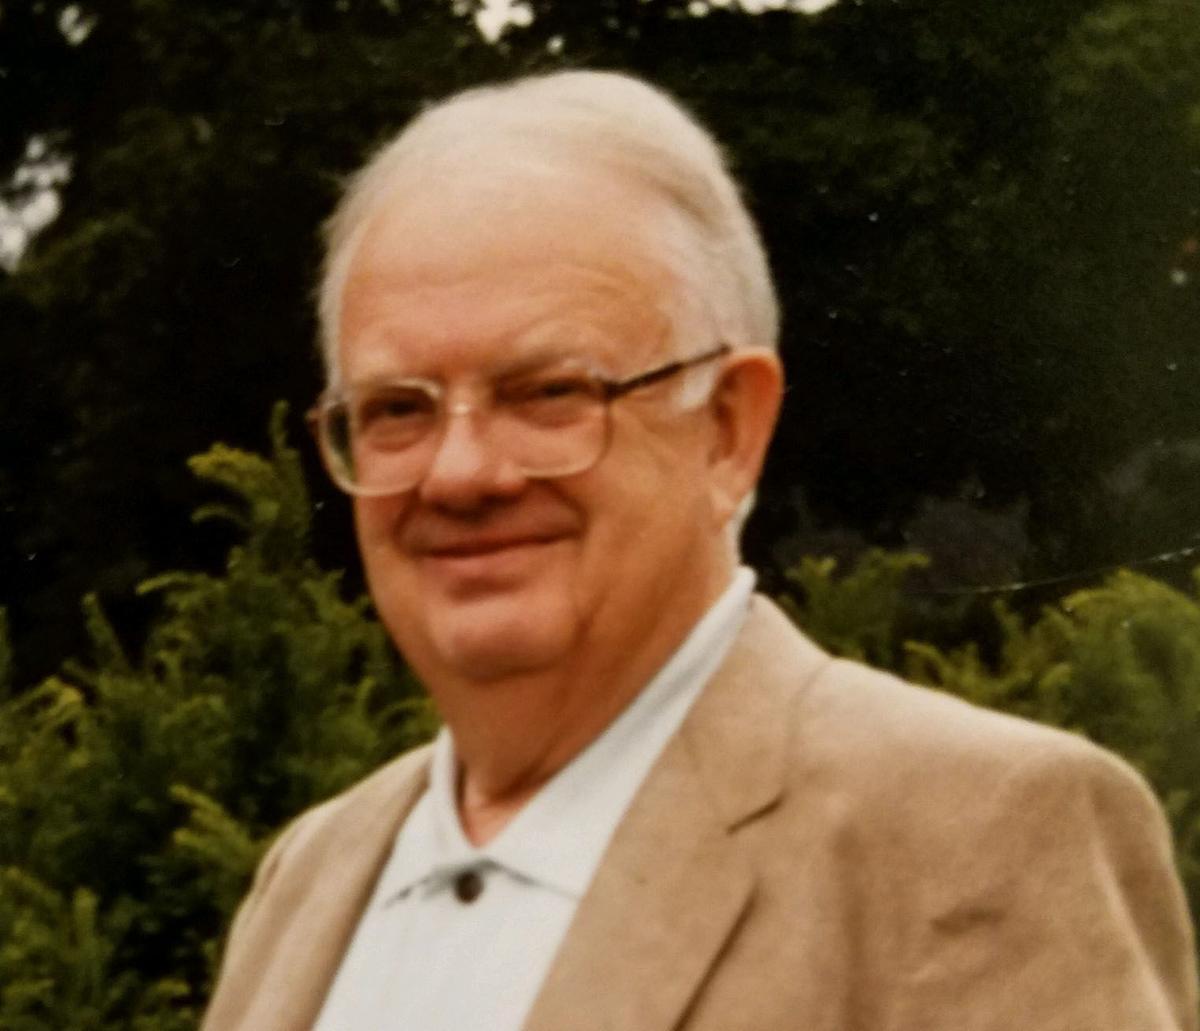 Russel B. Eller, 87